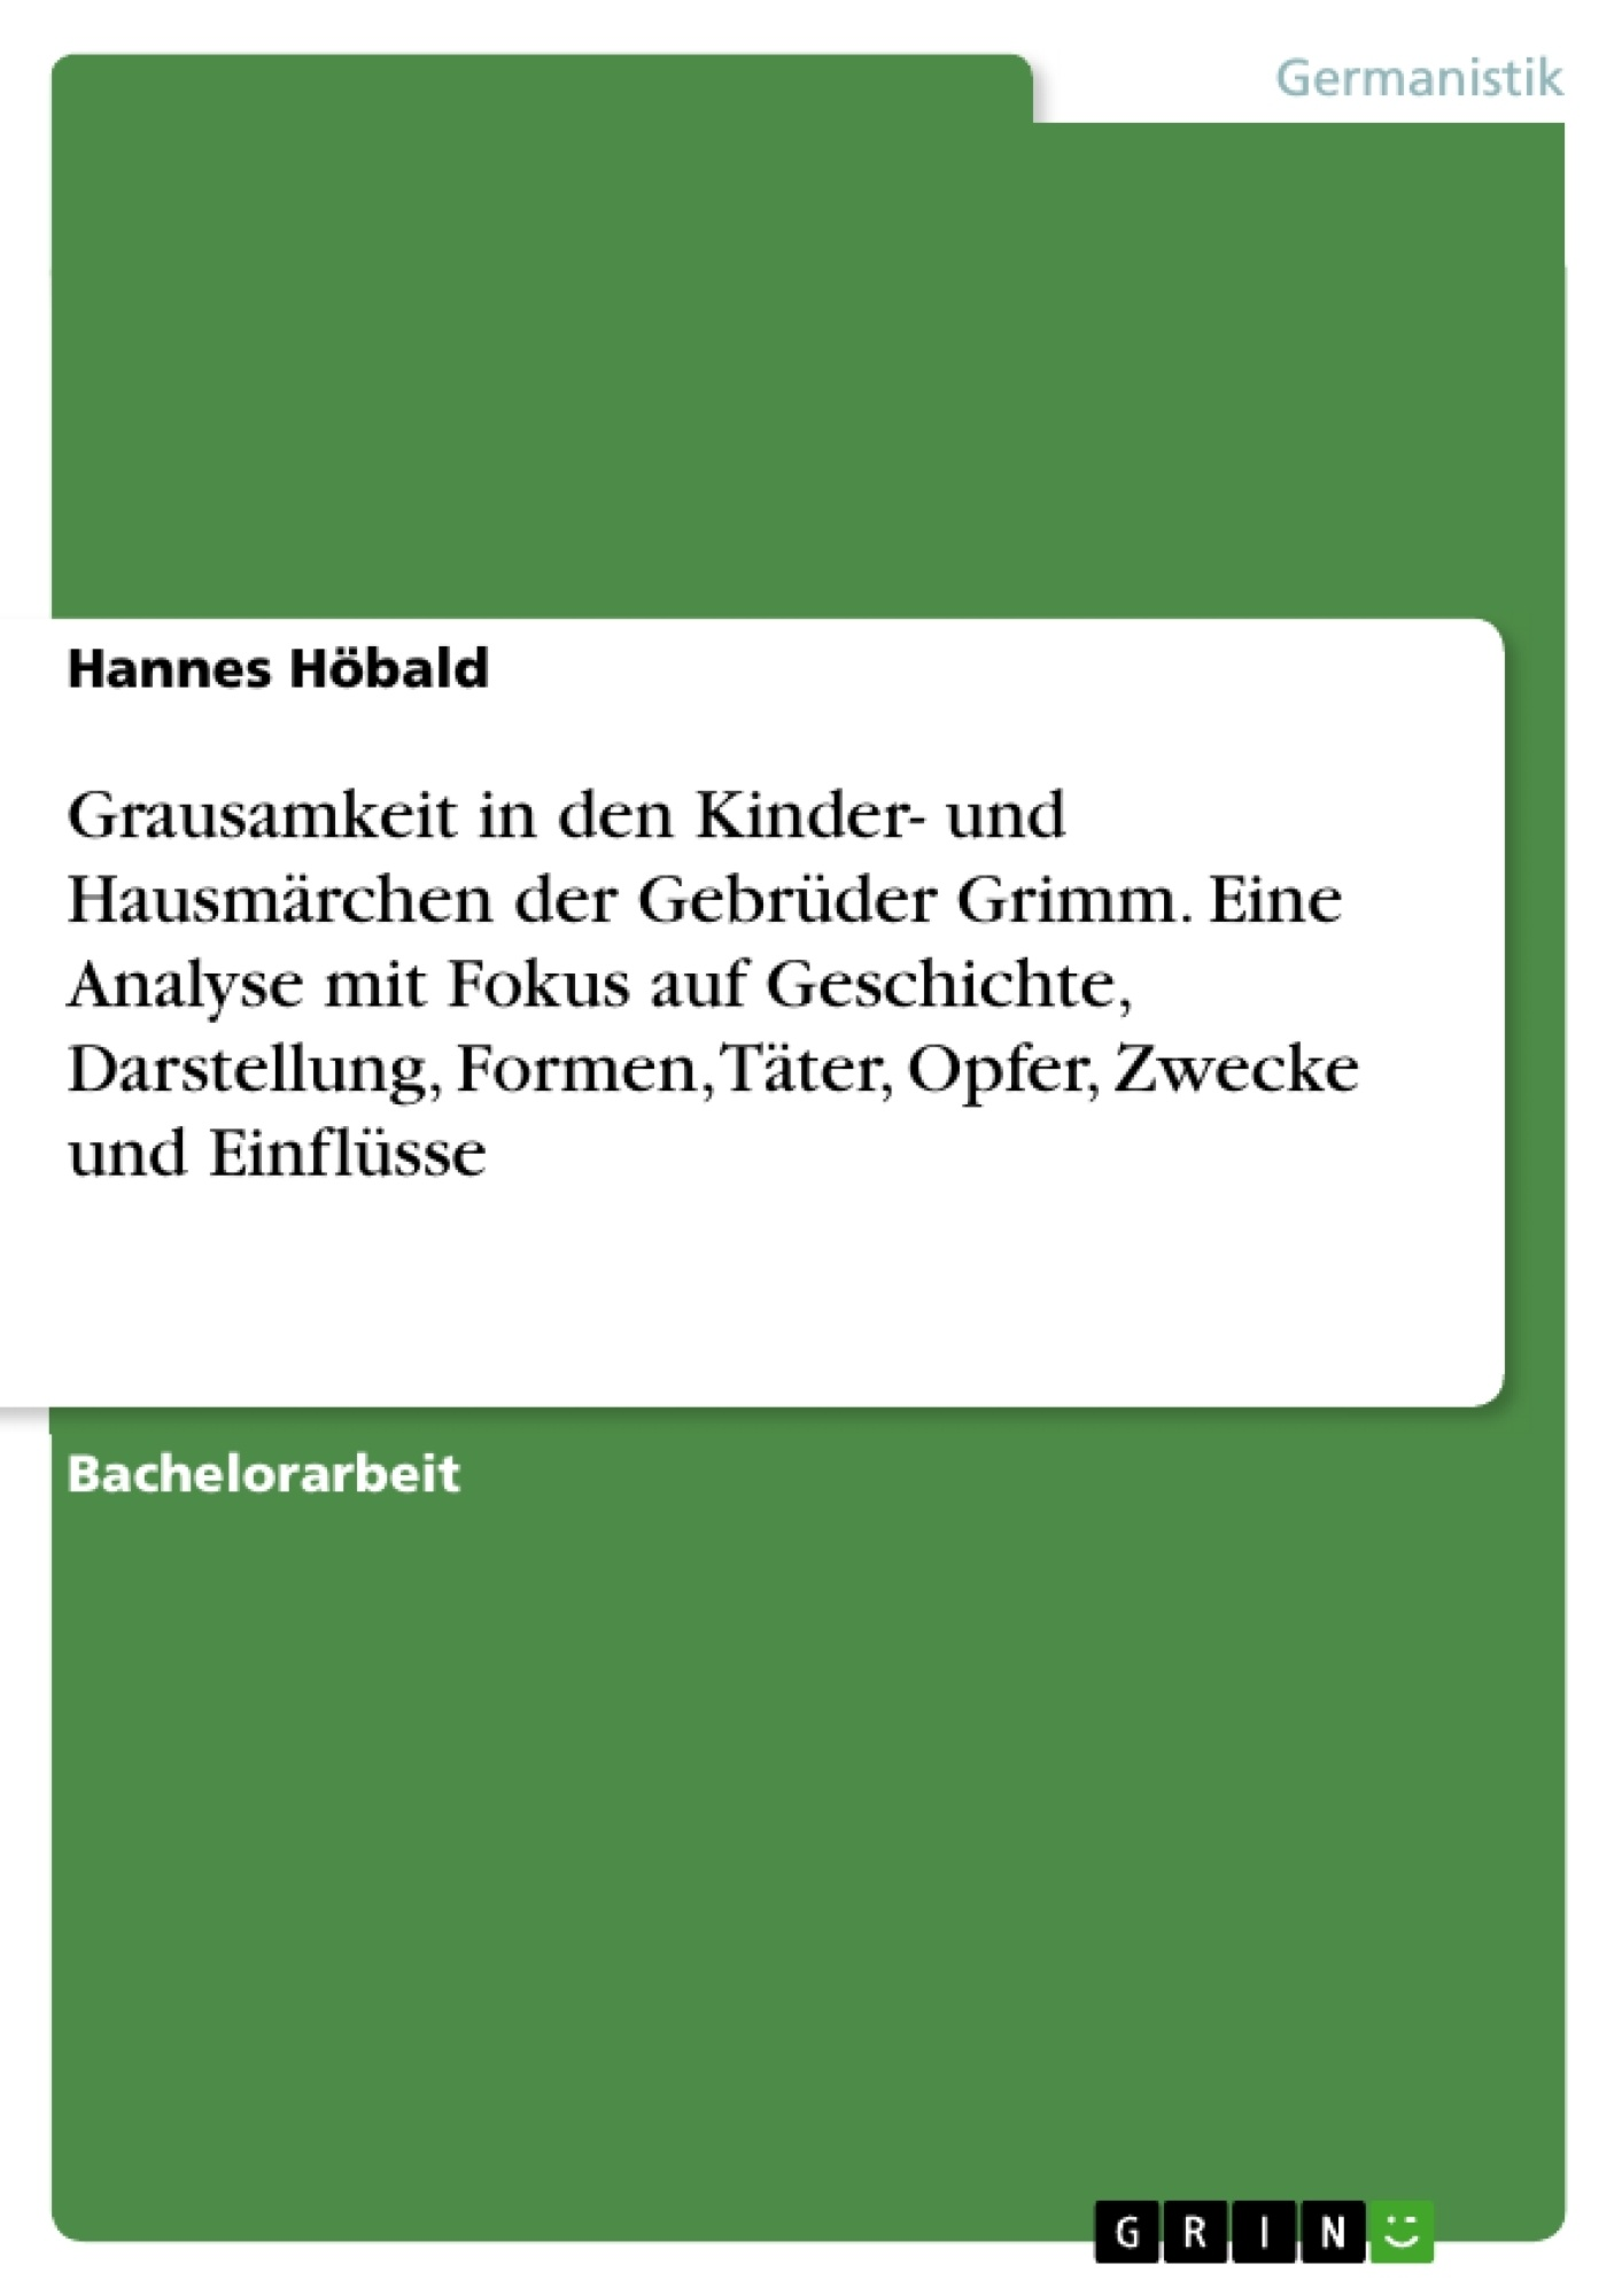 Titel: Grausamkeit in den Kinder- und Hausmärchen der Gebrüder Grimm. Eine Analyse mit Fokus auf Geschichte, Darstellung, Formen, Täter, Opfer, Zwecke und Einflüsse